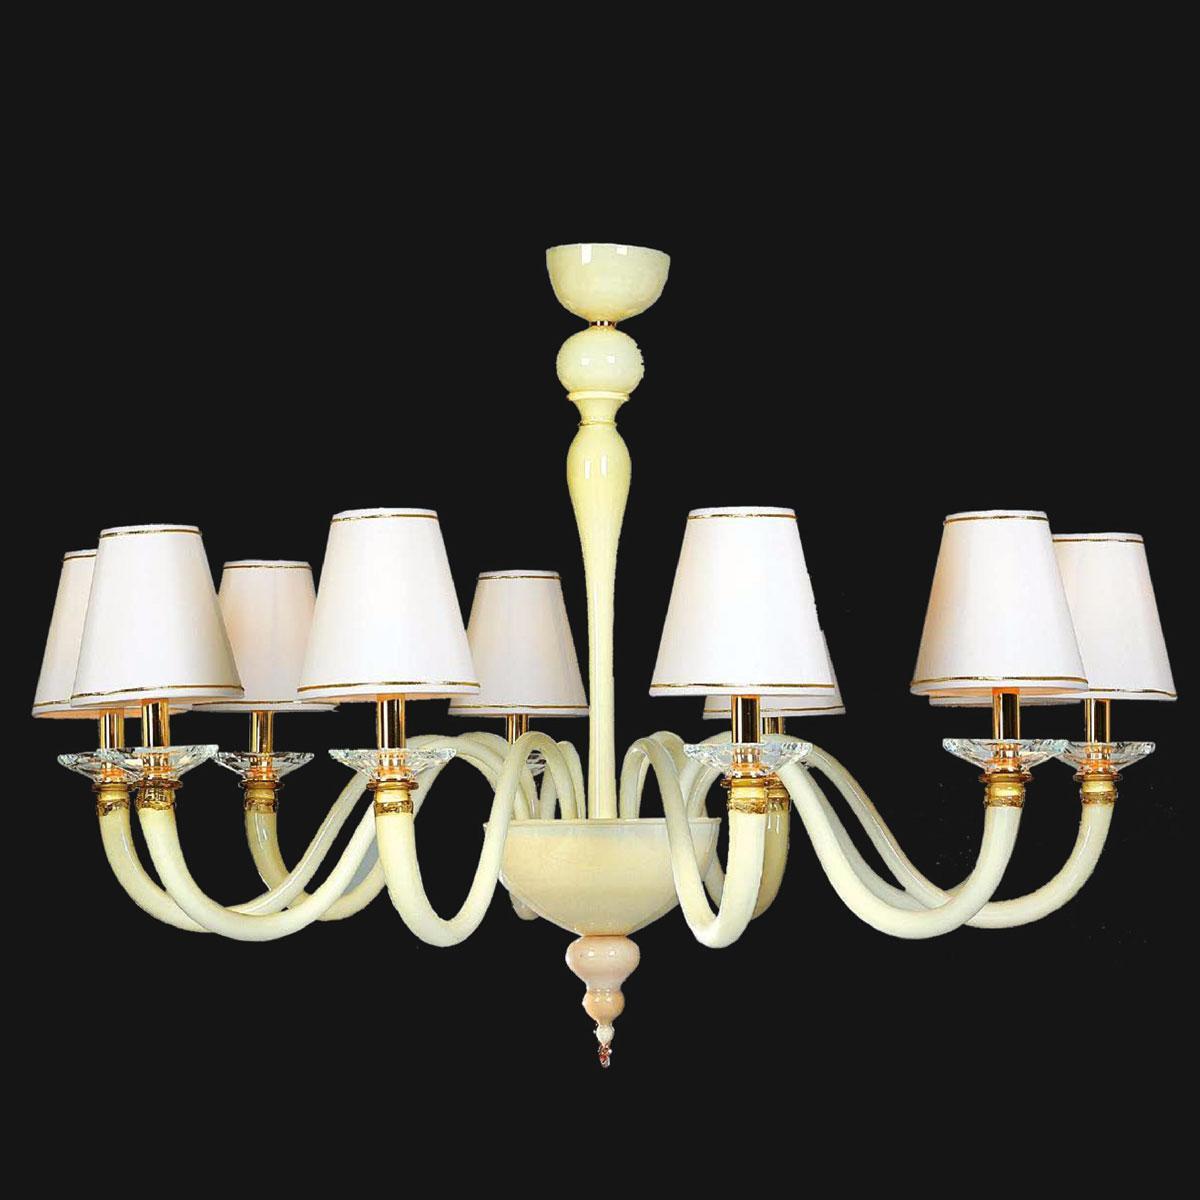 """""""Leanna"""" Murano glas Kronleuchter mit lampenschirmen - 10 flammig - weiß"""